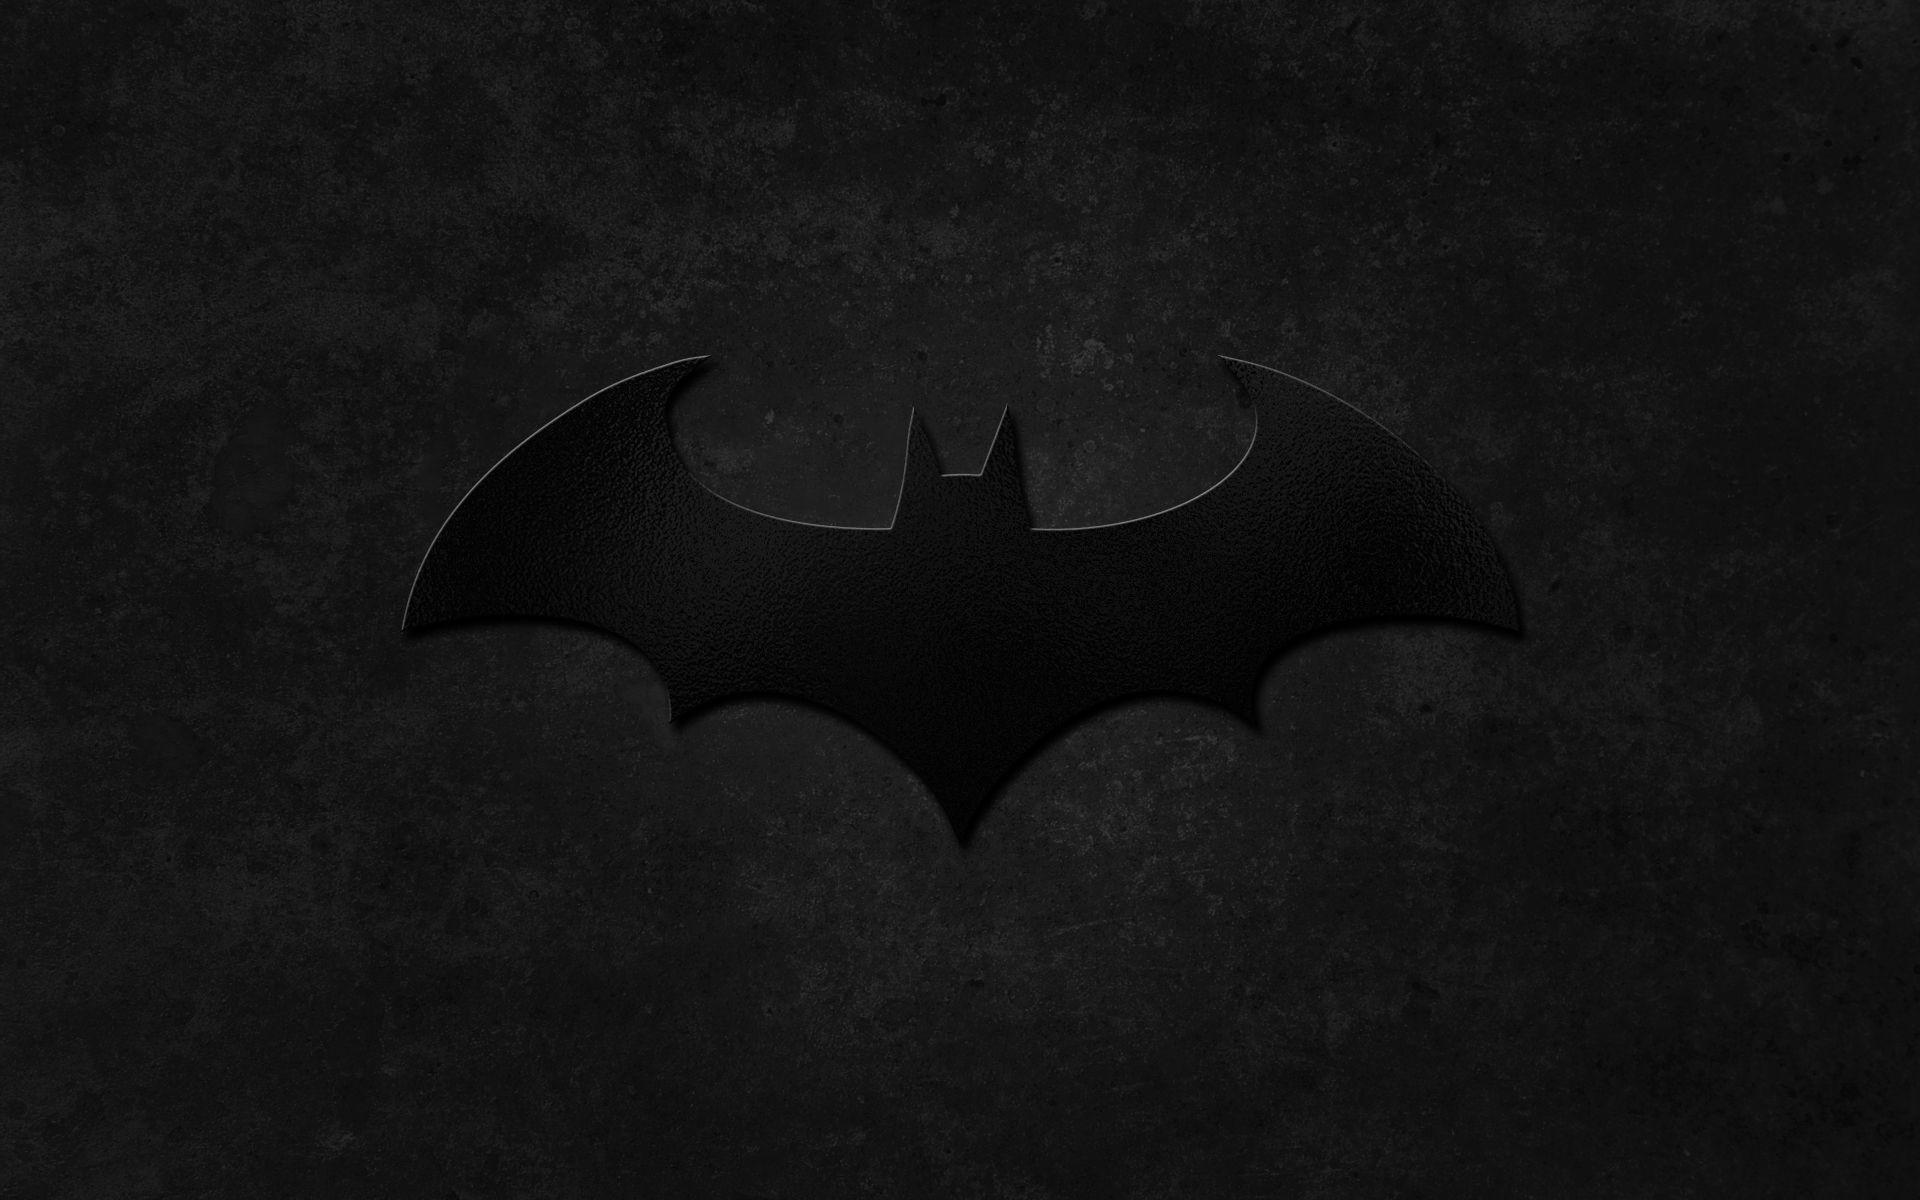 Batman Logo Wallpaper by PK-Enterprises on DeviantArt